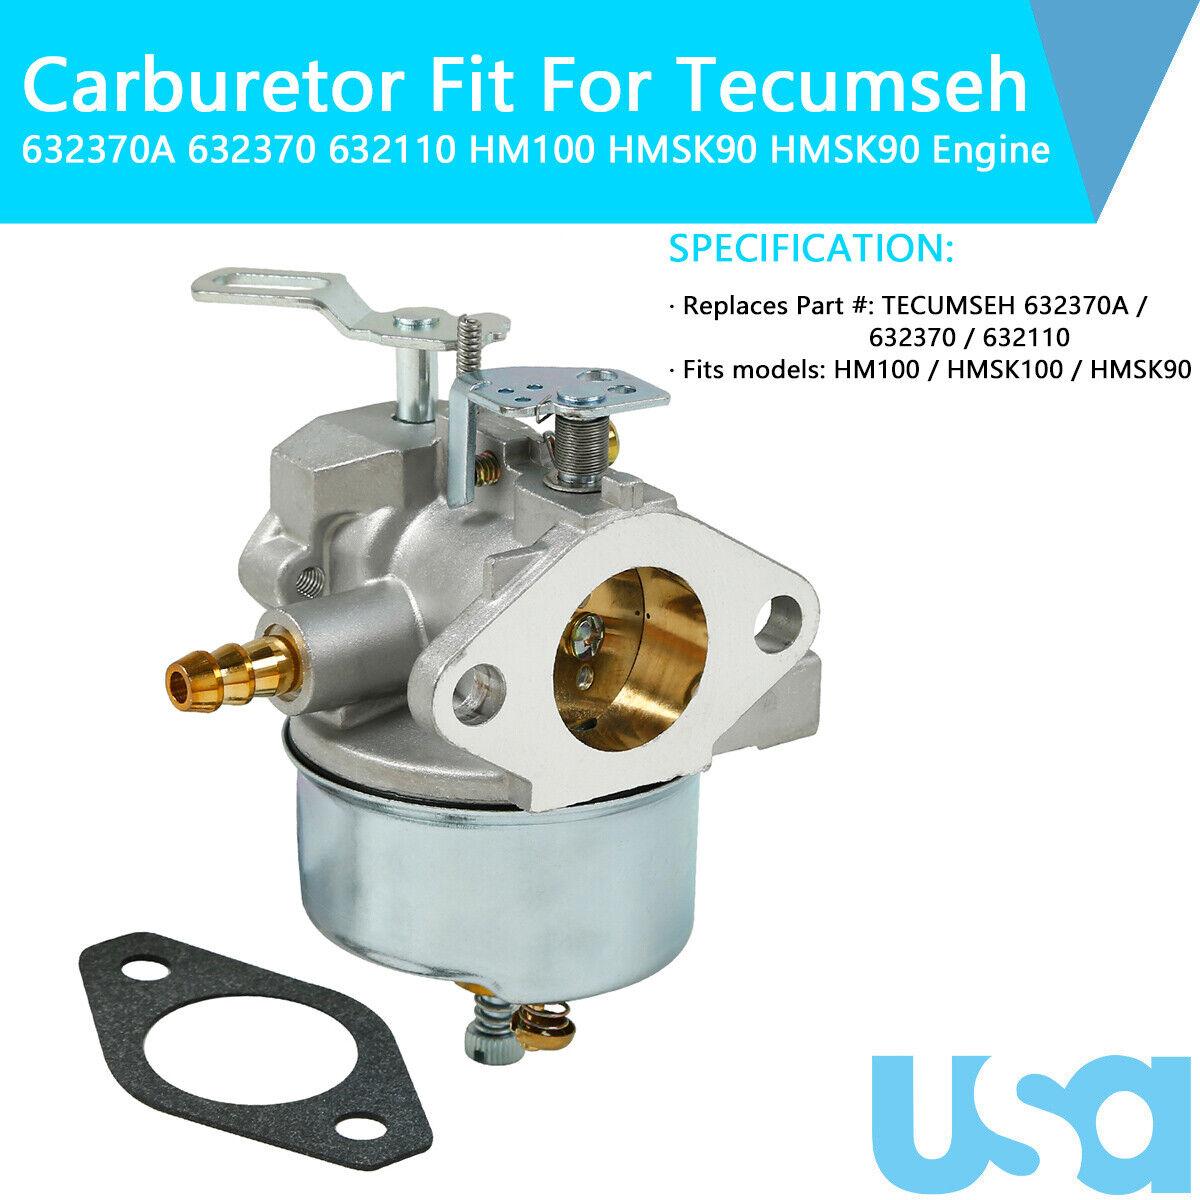 5x Fuel Filter For Tecumseh HM100 HMSK90 HMSK100 Engine for sale online |  eBayeBay